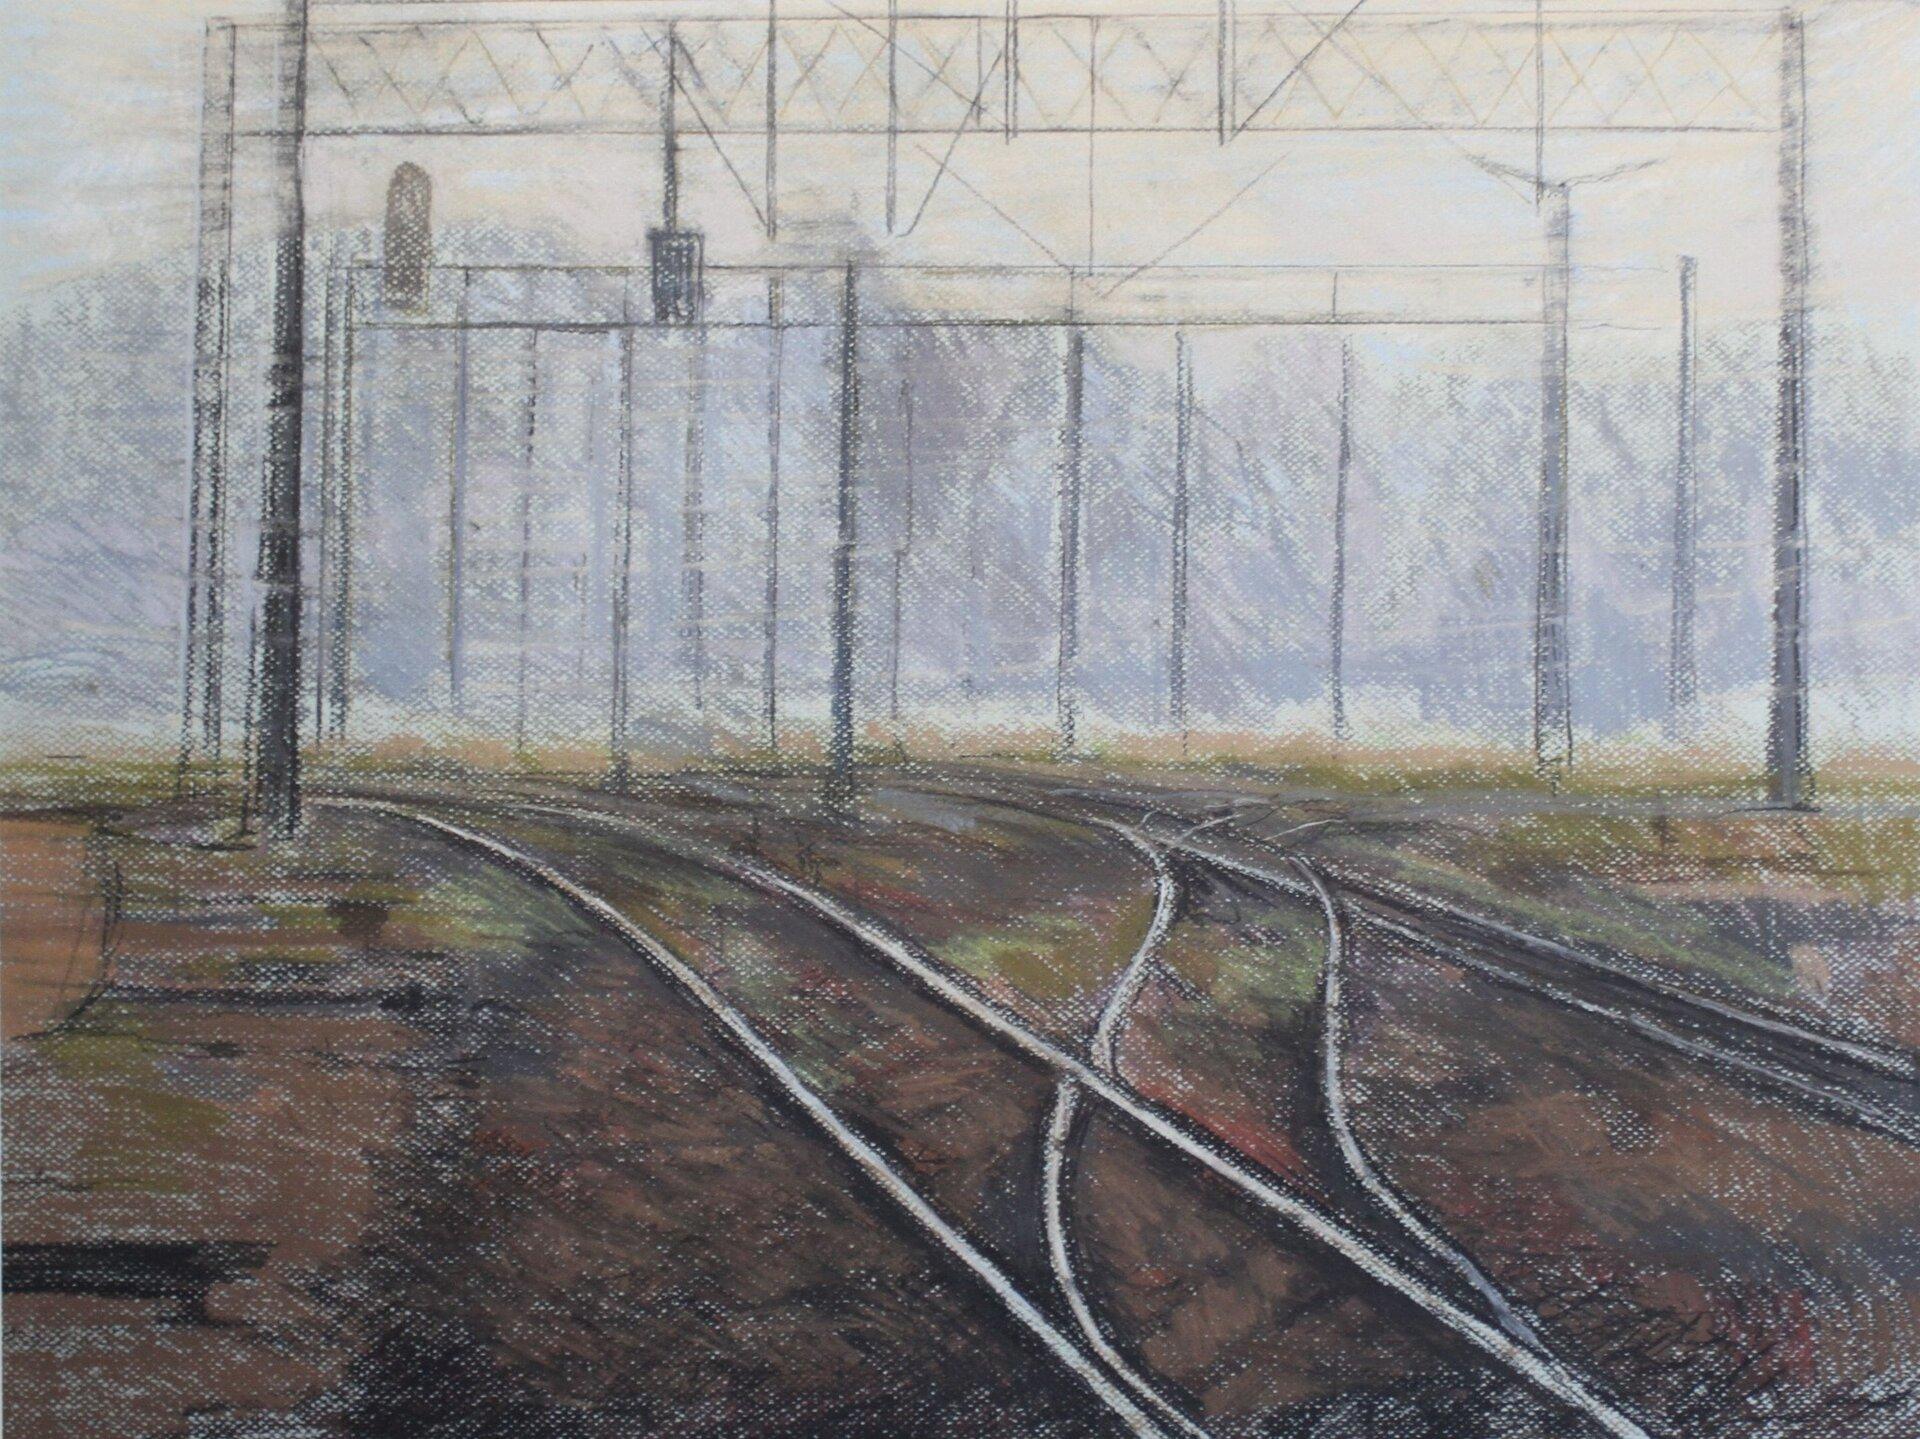 """Ilustracja przedstawia obraz """"Tor"""" autorstwa Michała Trägera. Dzieło ukazuje pastelowy pejzaż ztorowiskiem. Na pierwszym planie kompozycji znajdują się krzyżujące się ze sobą jasne pasy torów na ciemno-brązowym tle ziemi. Wdalszej partii obrazu, nad torami unoszą się narysowane cienką, szarą linię trakcje. Za nimi rysuje się jasna, szaro-niebieska plama lasu na białym, świetlistym tle nieba. Drugi plan ujęty jest bardzo syntetycznie, szkicowo, za pomocą prostych plam ikresek. Obraz wykonany jest wchłodnej, szaro-brązowej tonacji zakcentami zieleni traw. Dzieło wykonane jest techniką pasteli."""